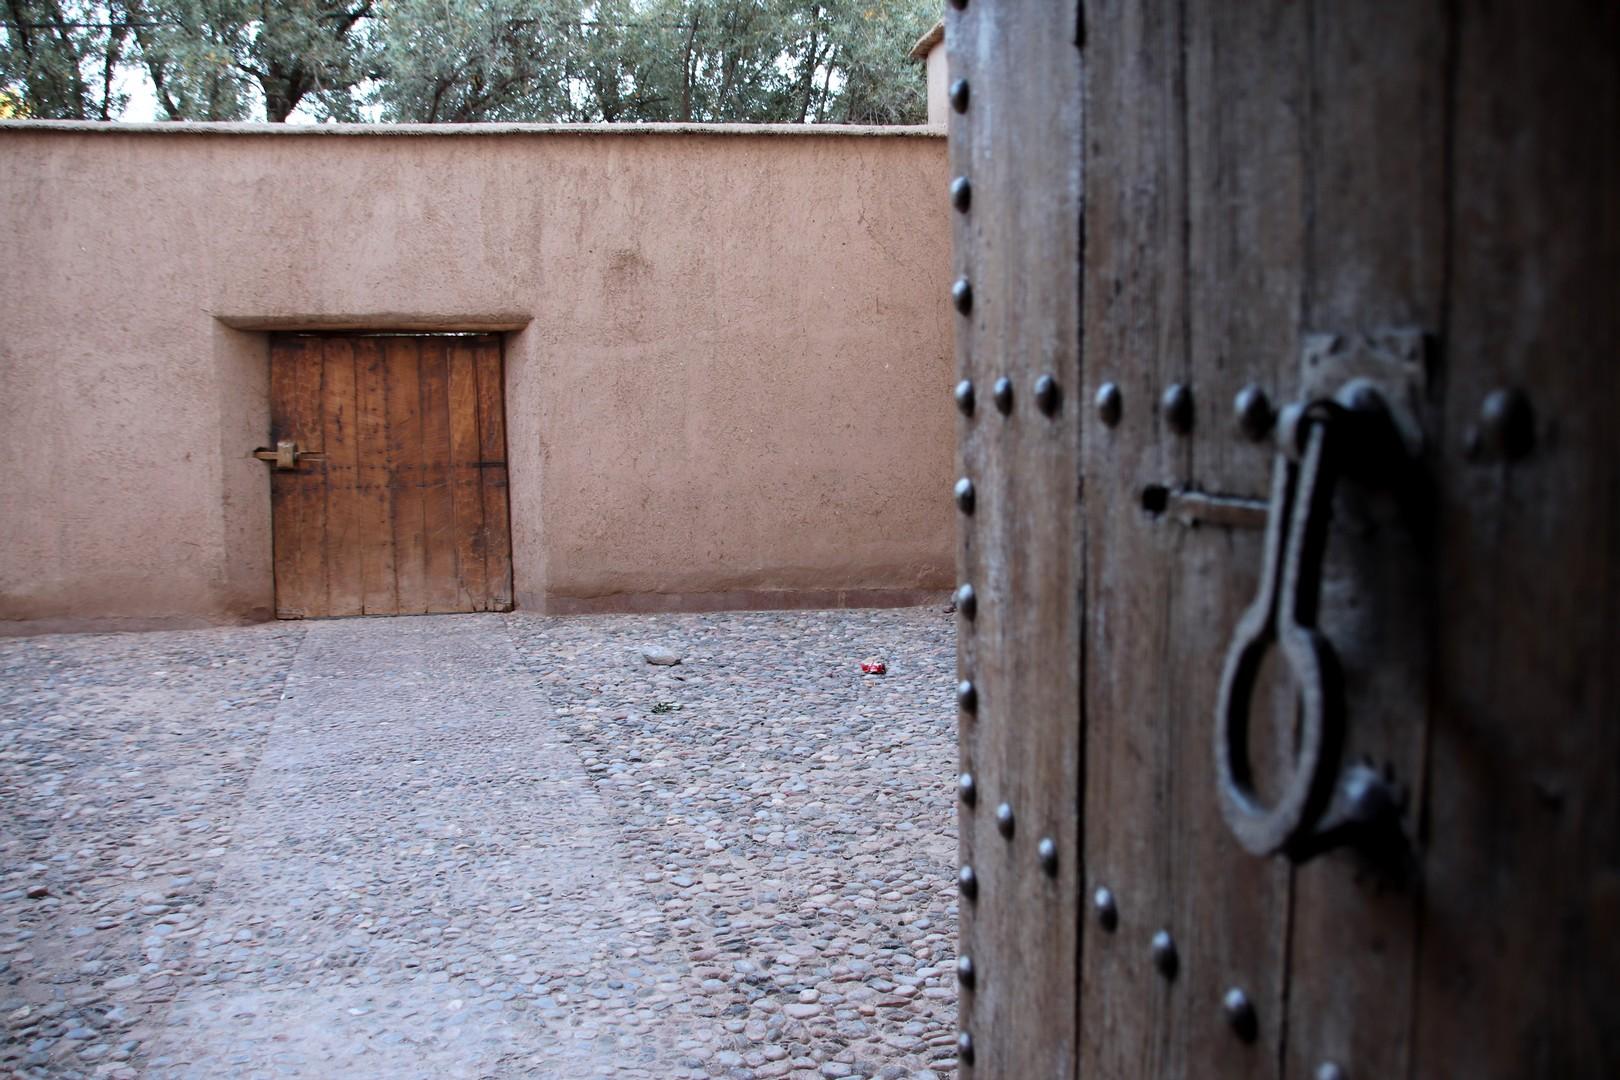 Maroc - La porte d'entrée du Dar Ahlam